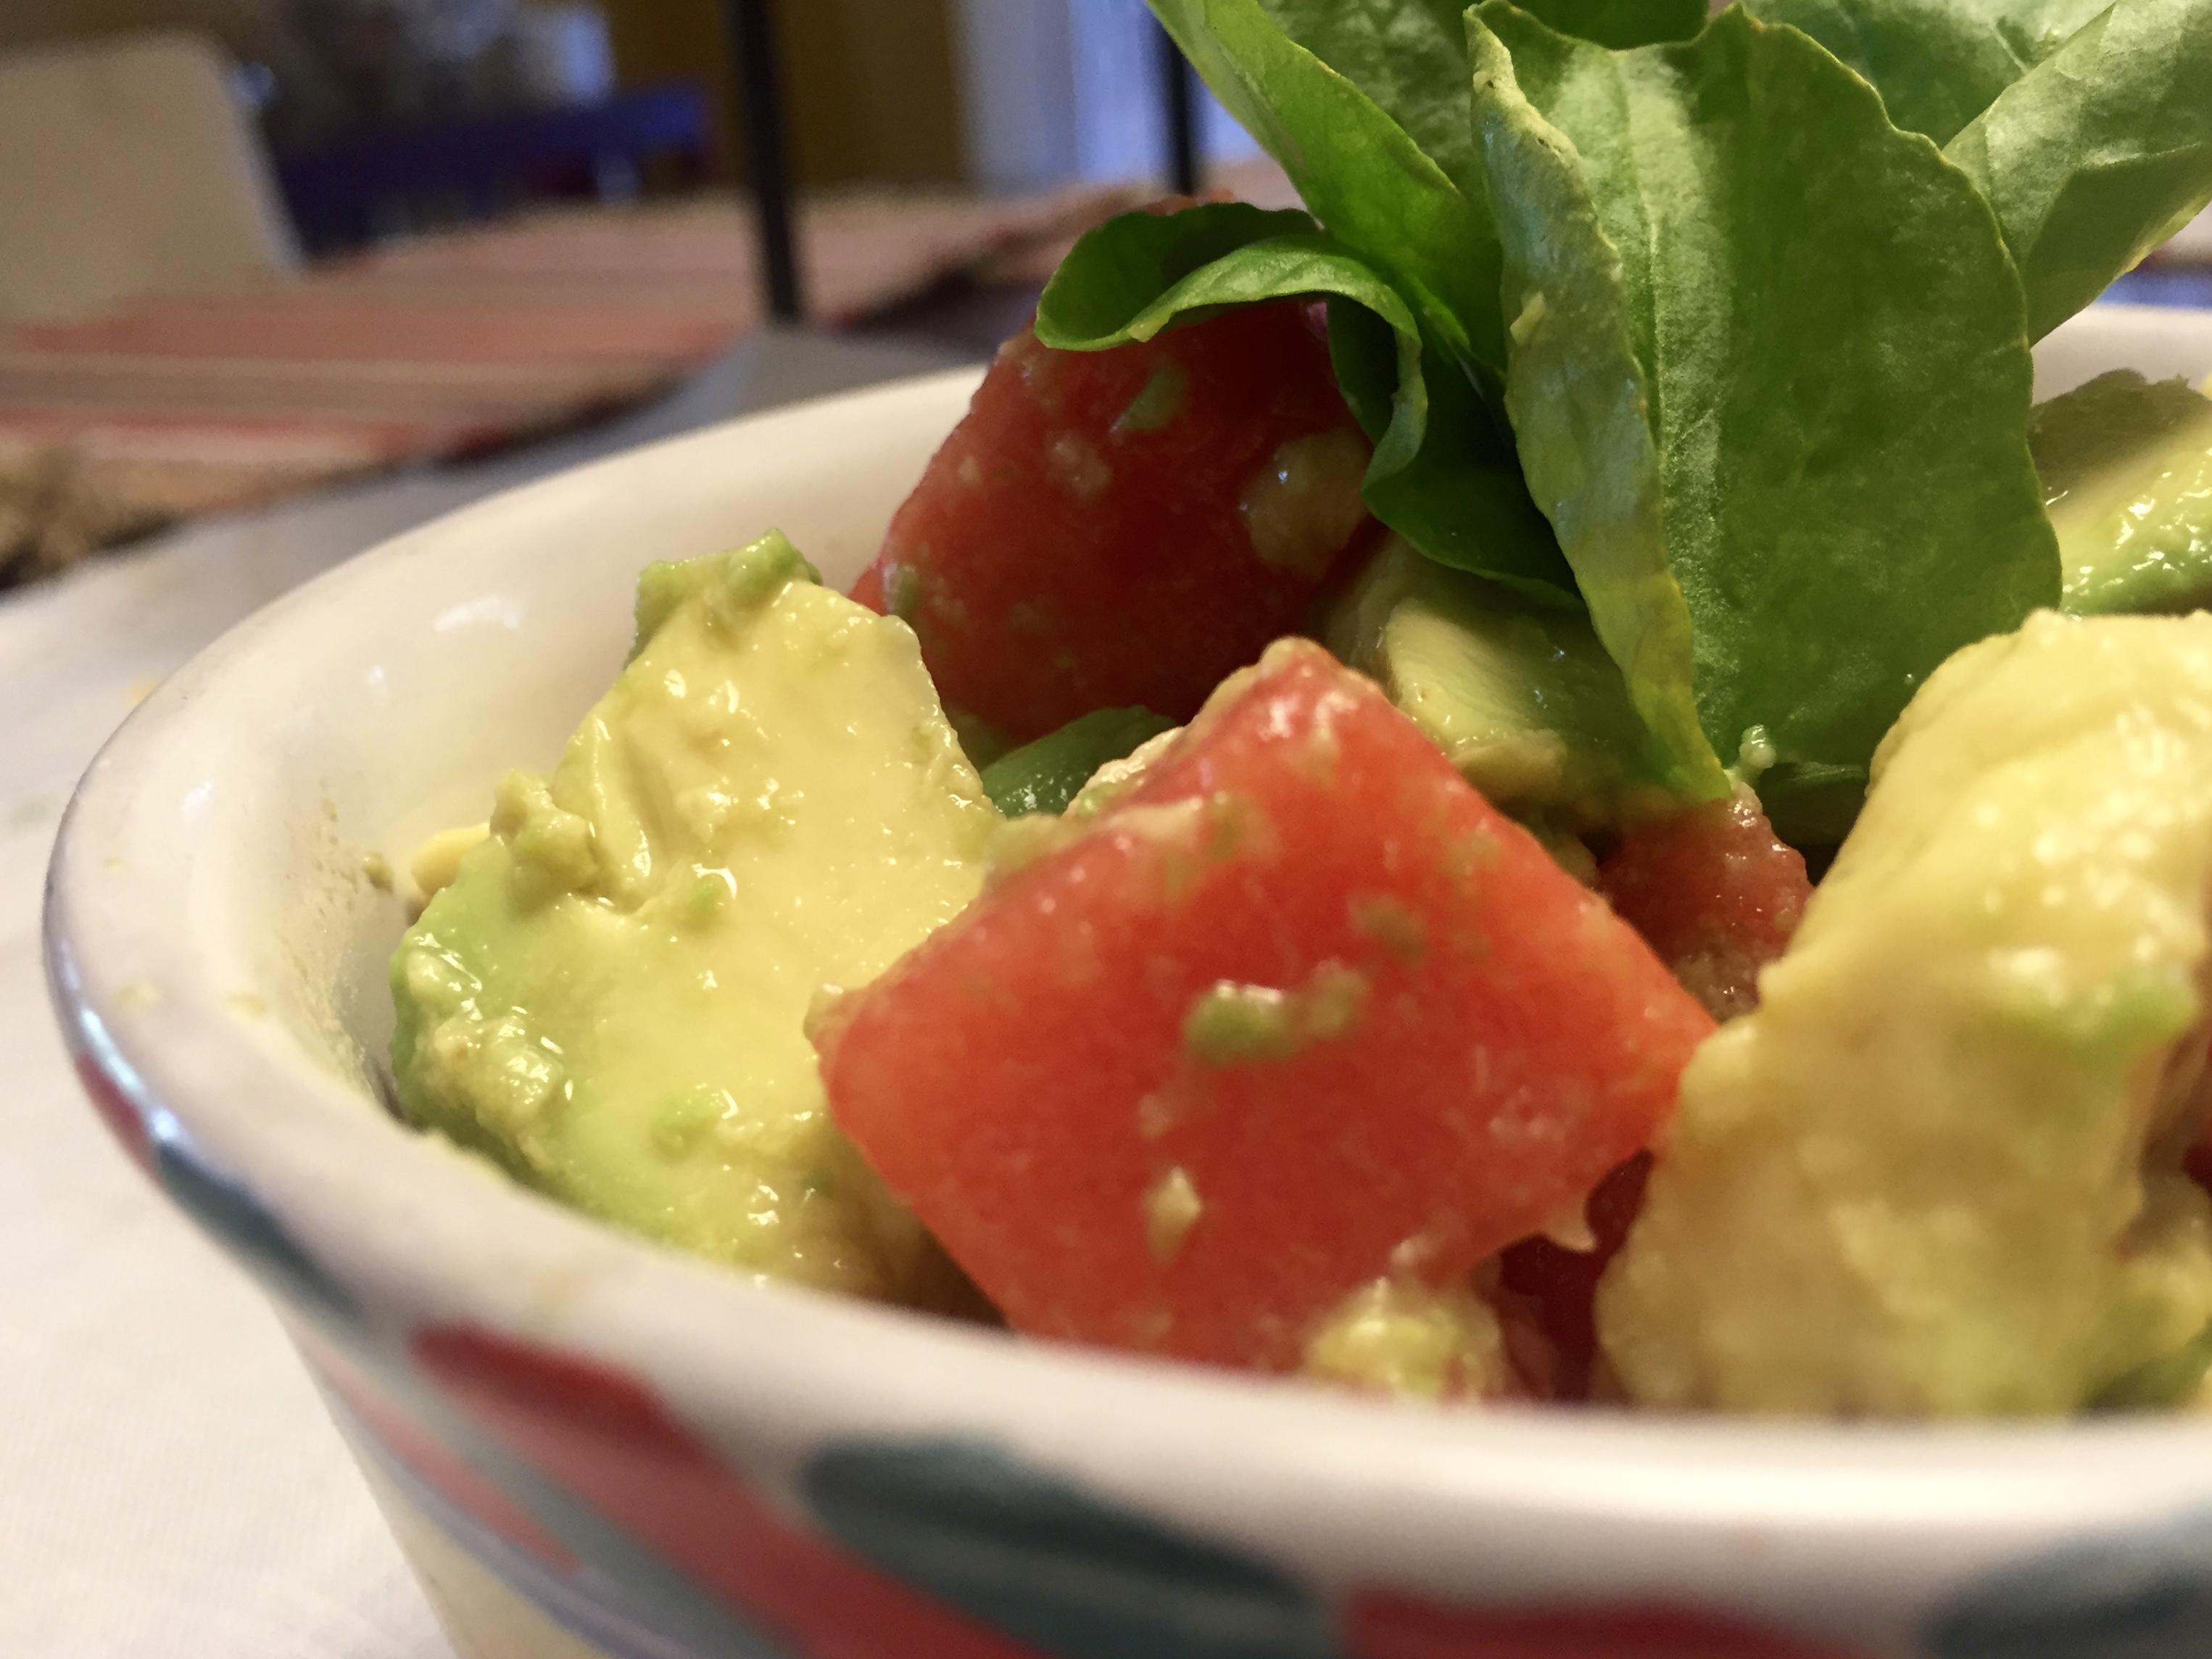 Watermelon & Avocado Salad